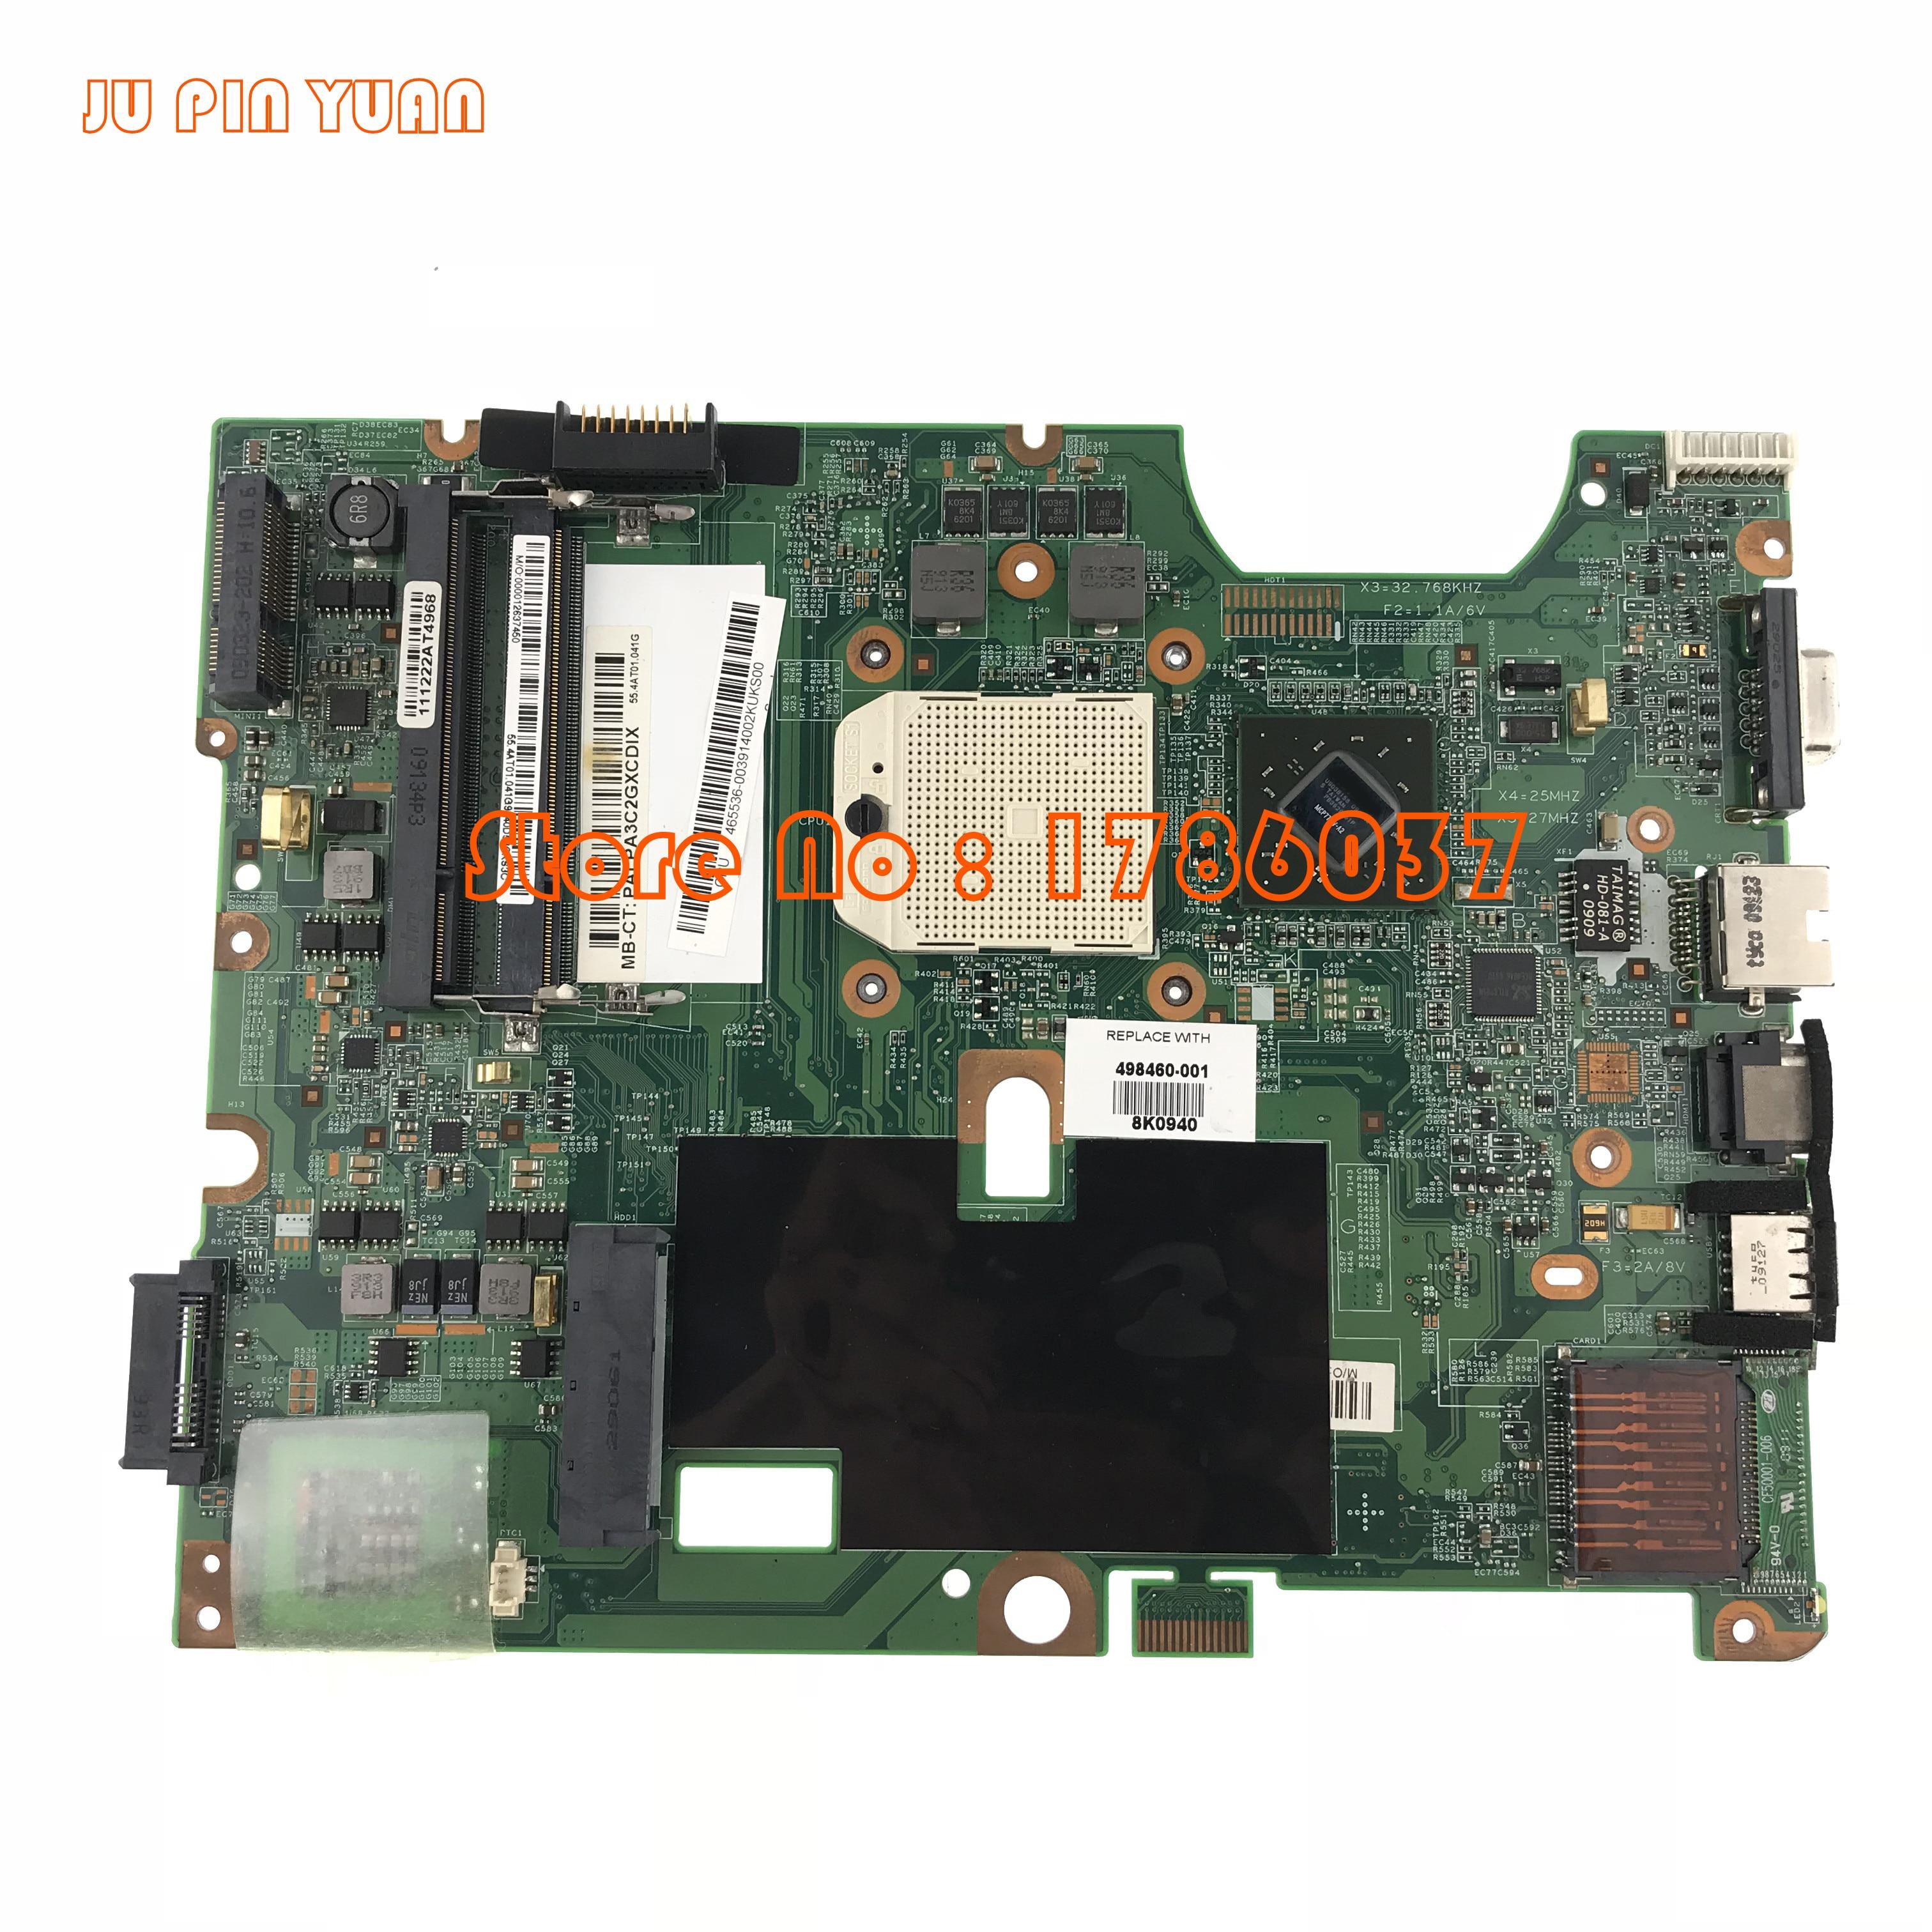 JU PIN YUANS 498460-001 pour HP Pavilion CQ50 CQ60 G50 G60 série carte mère Toutes Les fonctions entièrement Testé